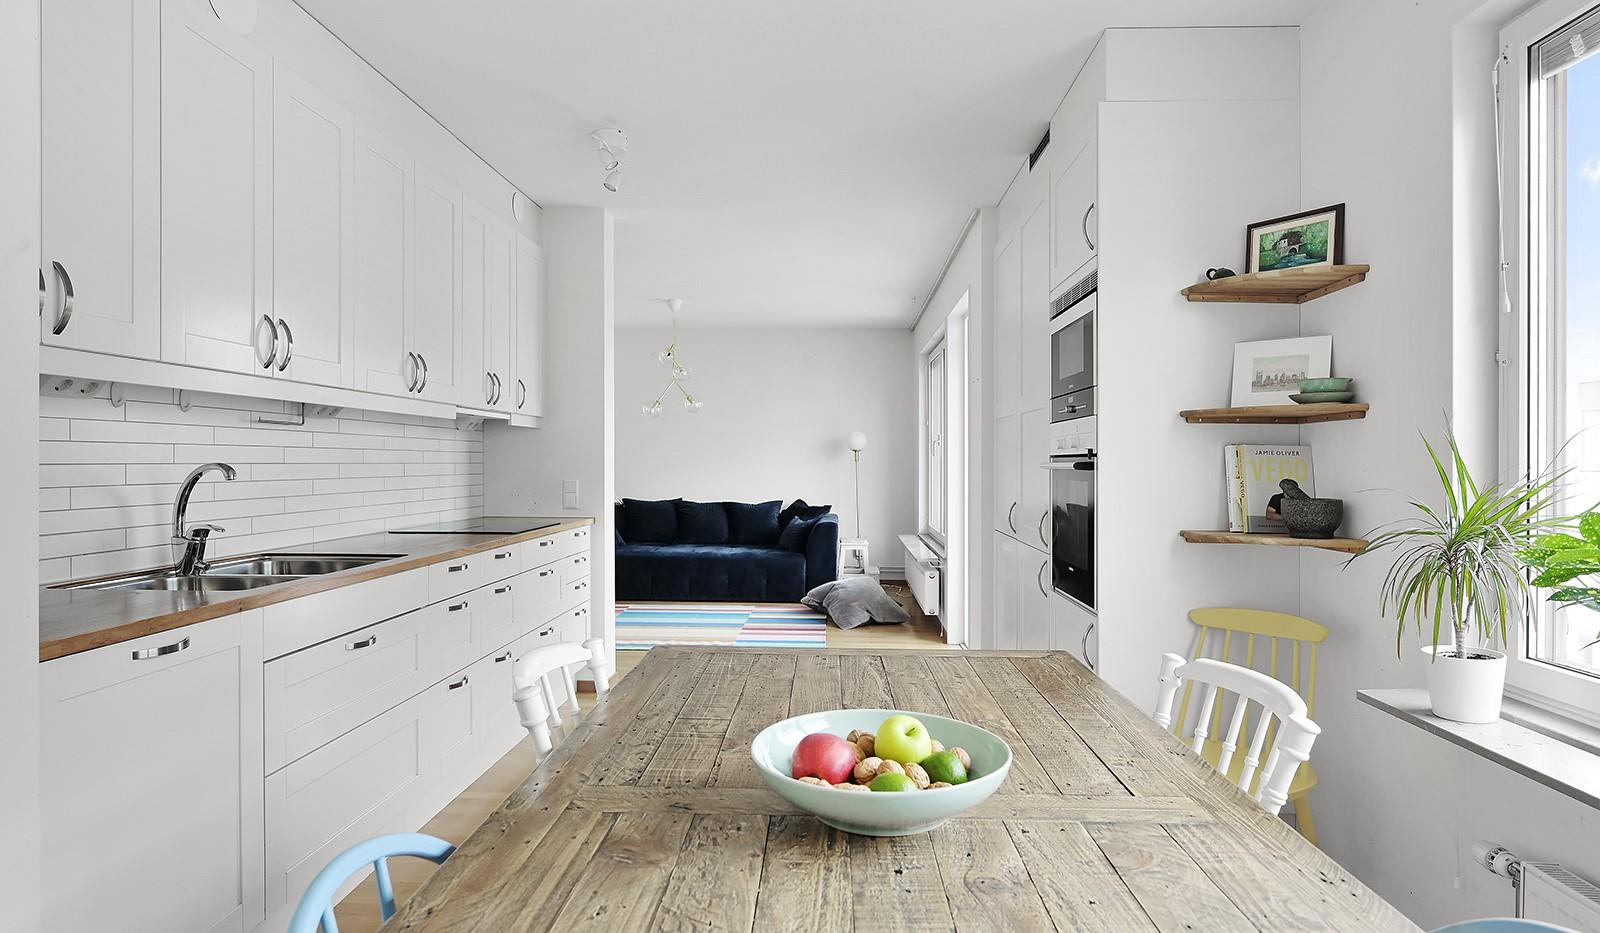 Marieviksgatan 38, 6 tr - Snyggt integrerade vitvaror